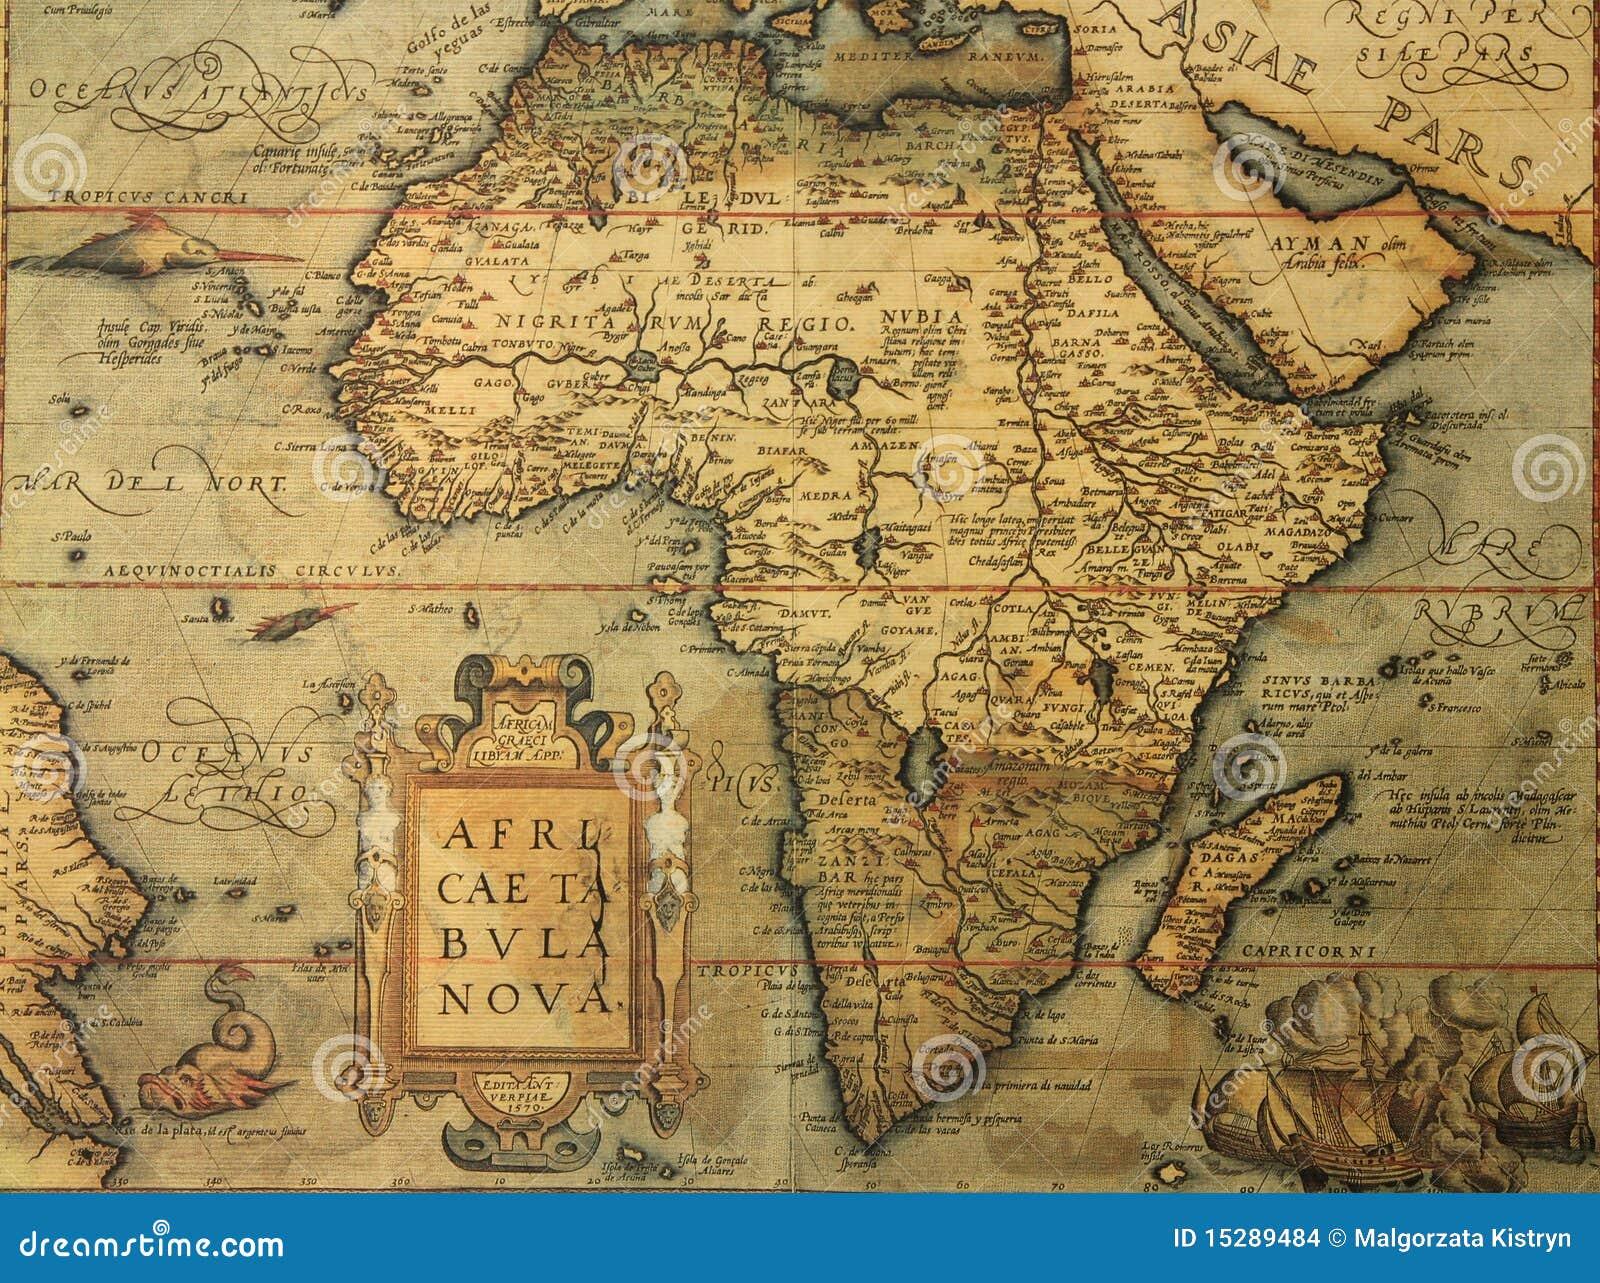 Carte De Lafrique Antique.Carte Antique De L Afrique Photo Stock Image Du Geographie